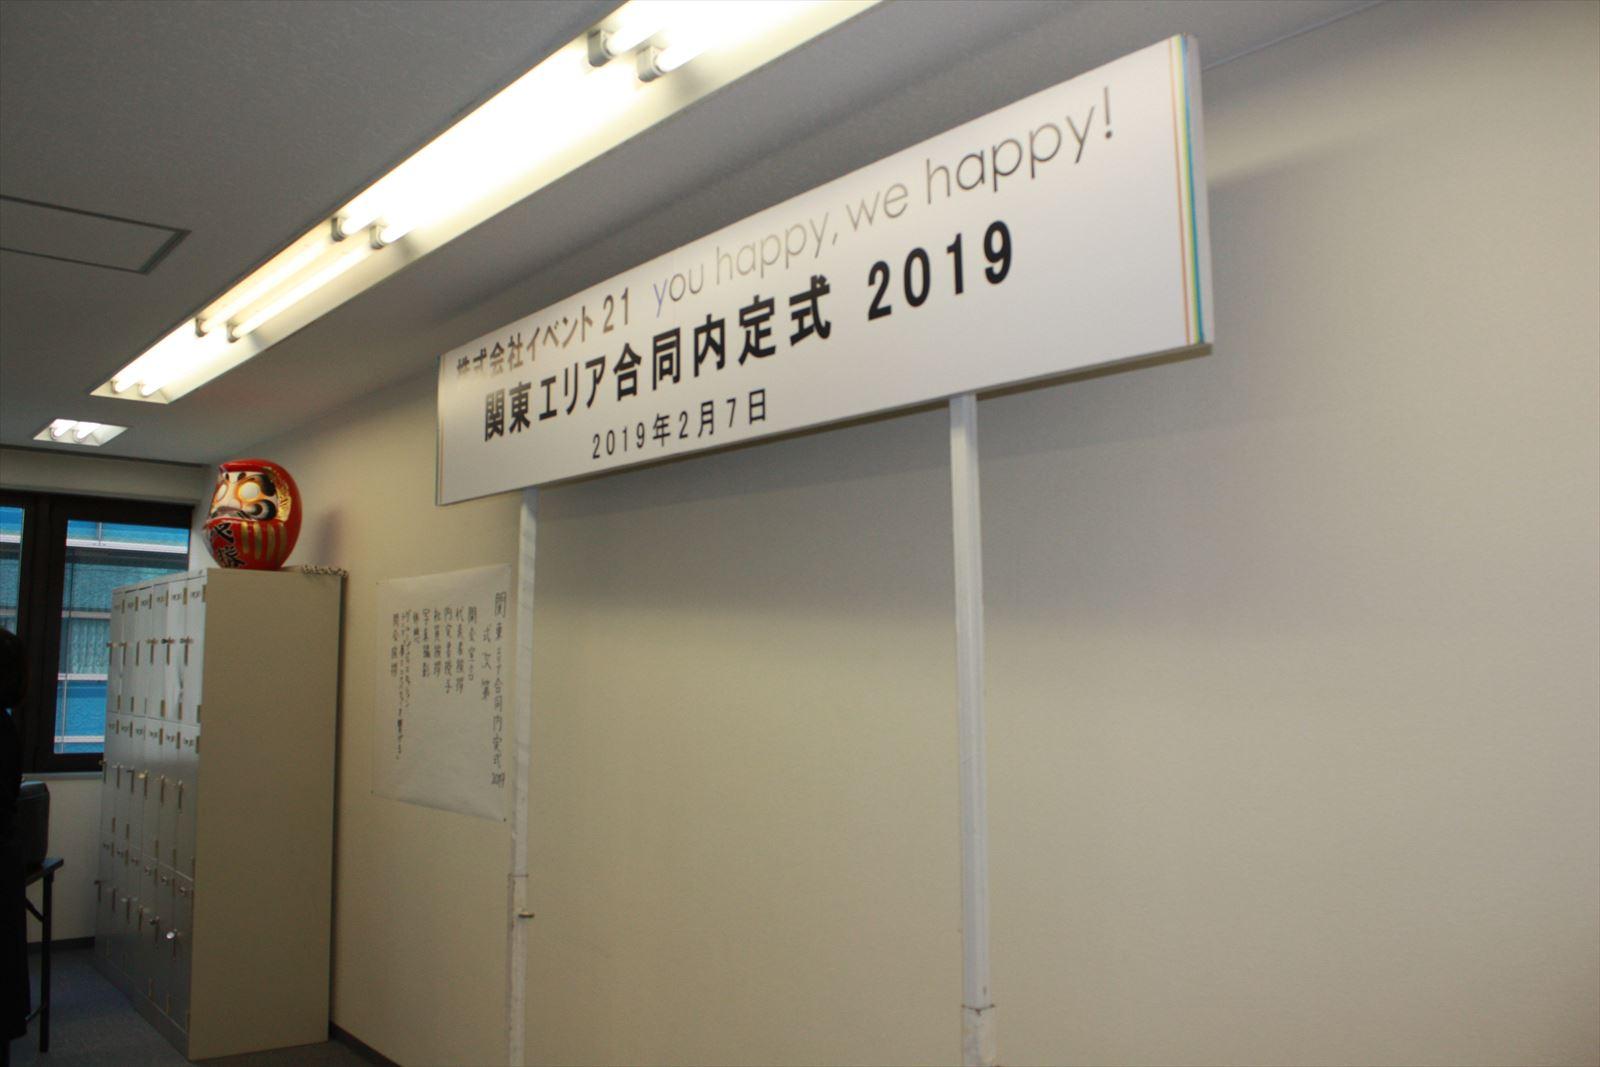 看板制作なら神奈川イベント会社へ!!